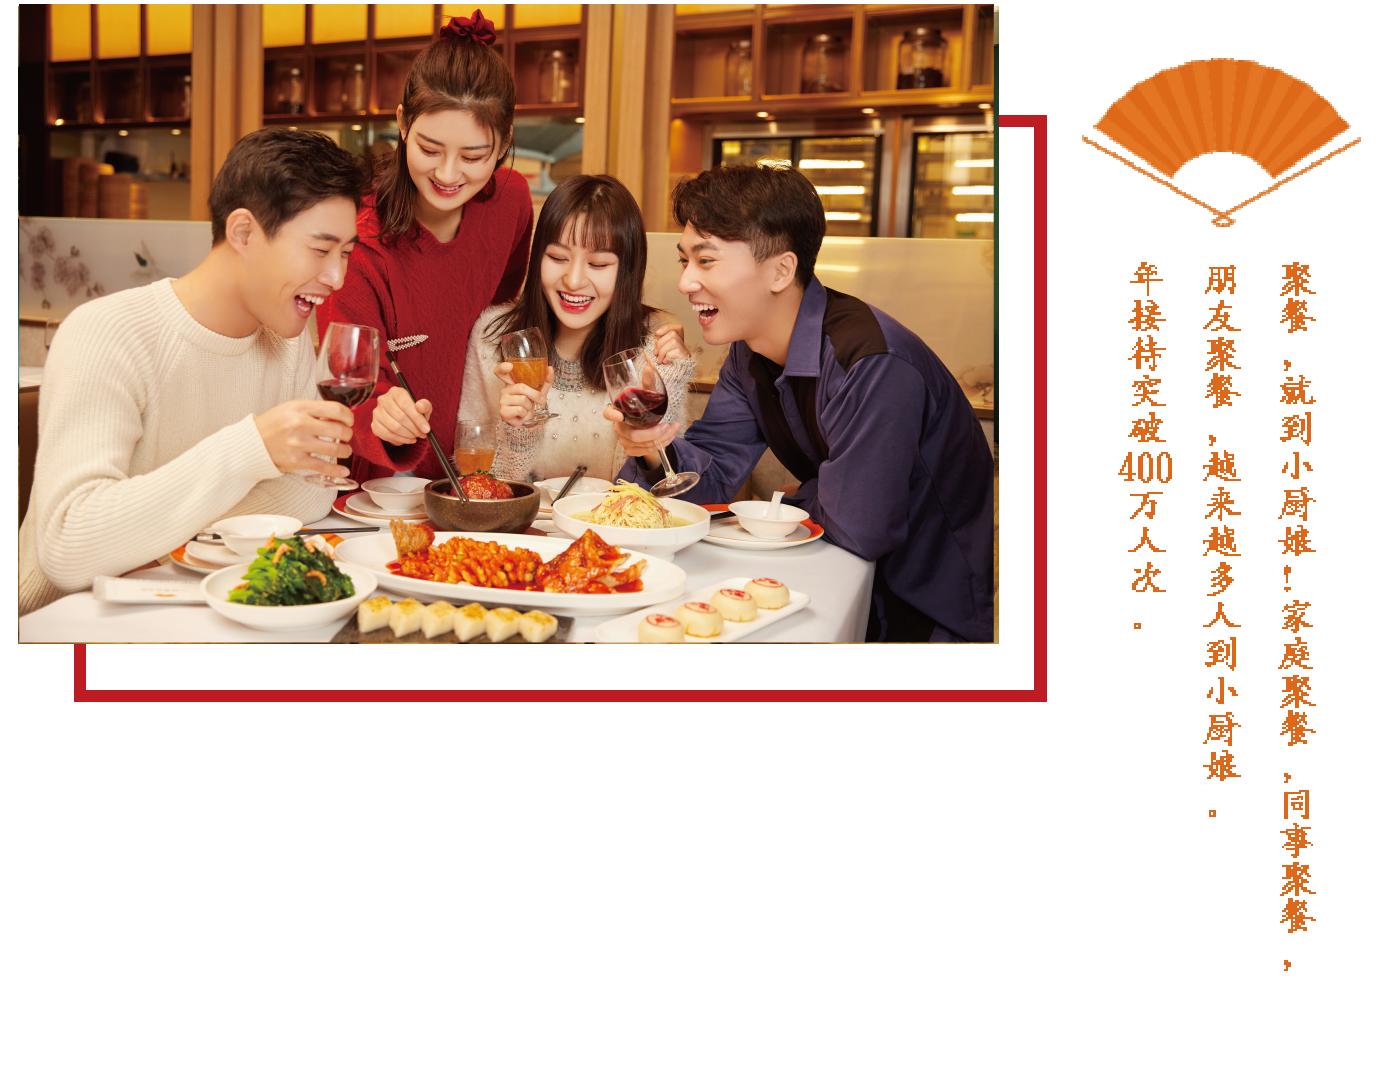 江蘇小廚娘餐飲管理有限公司